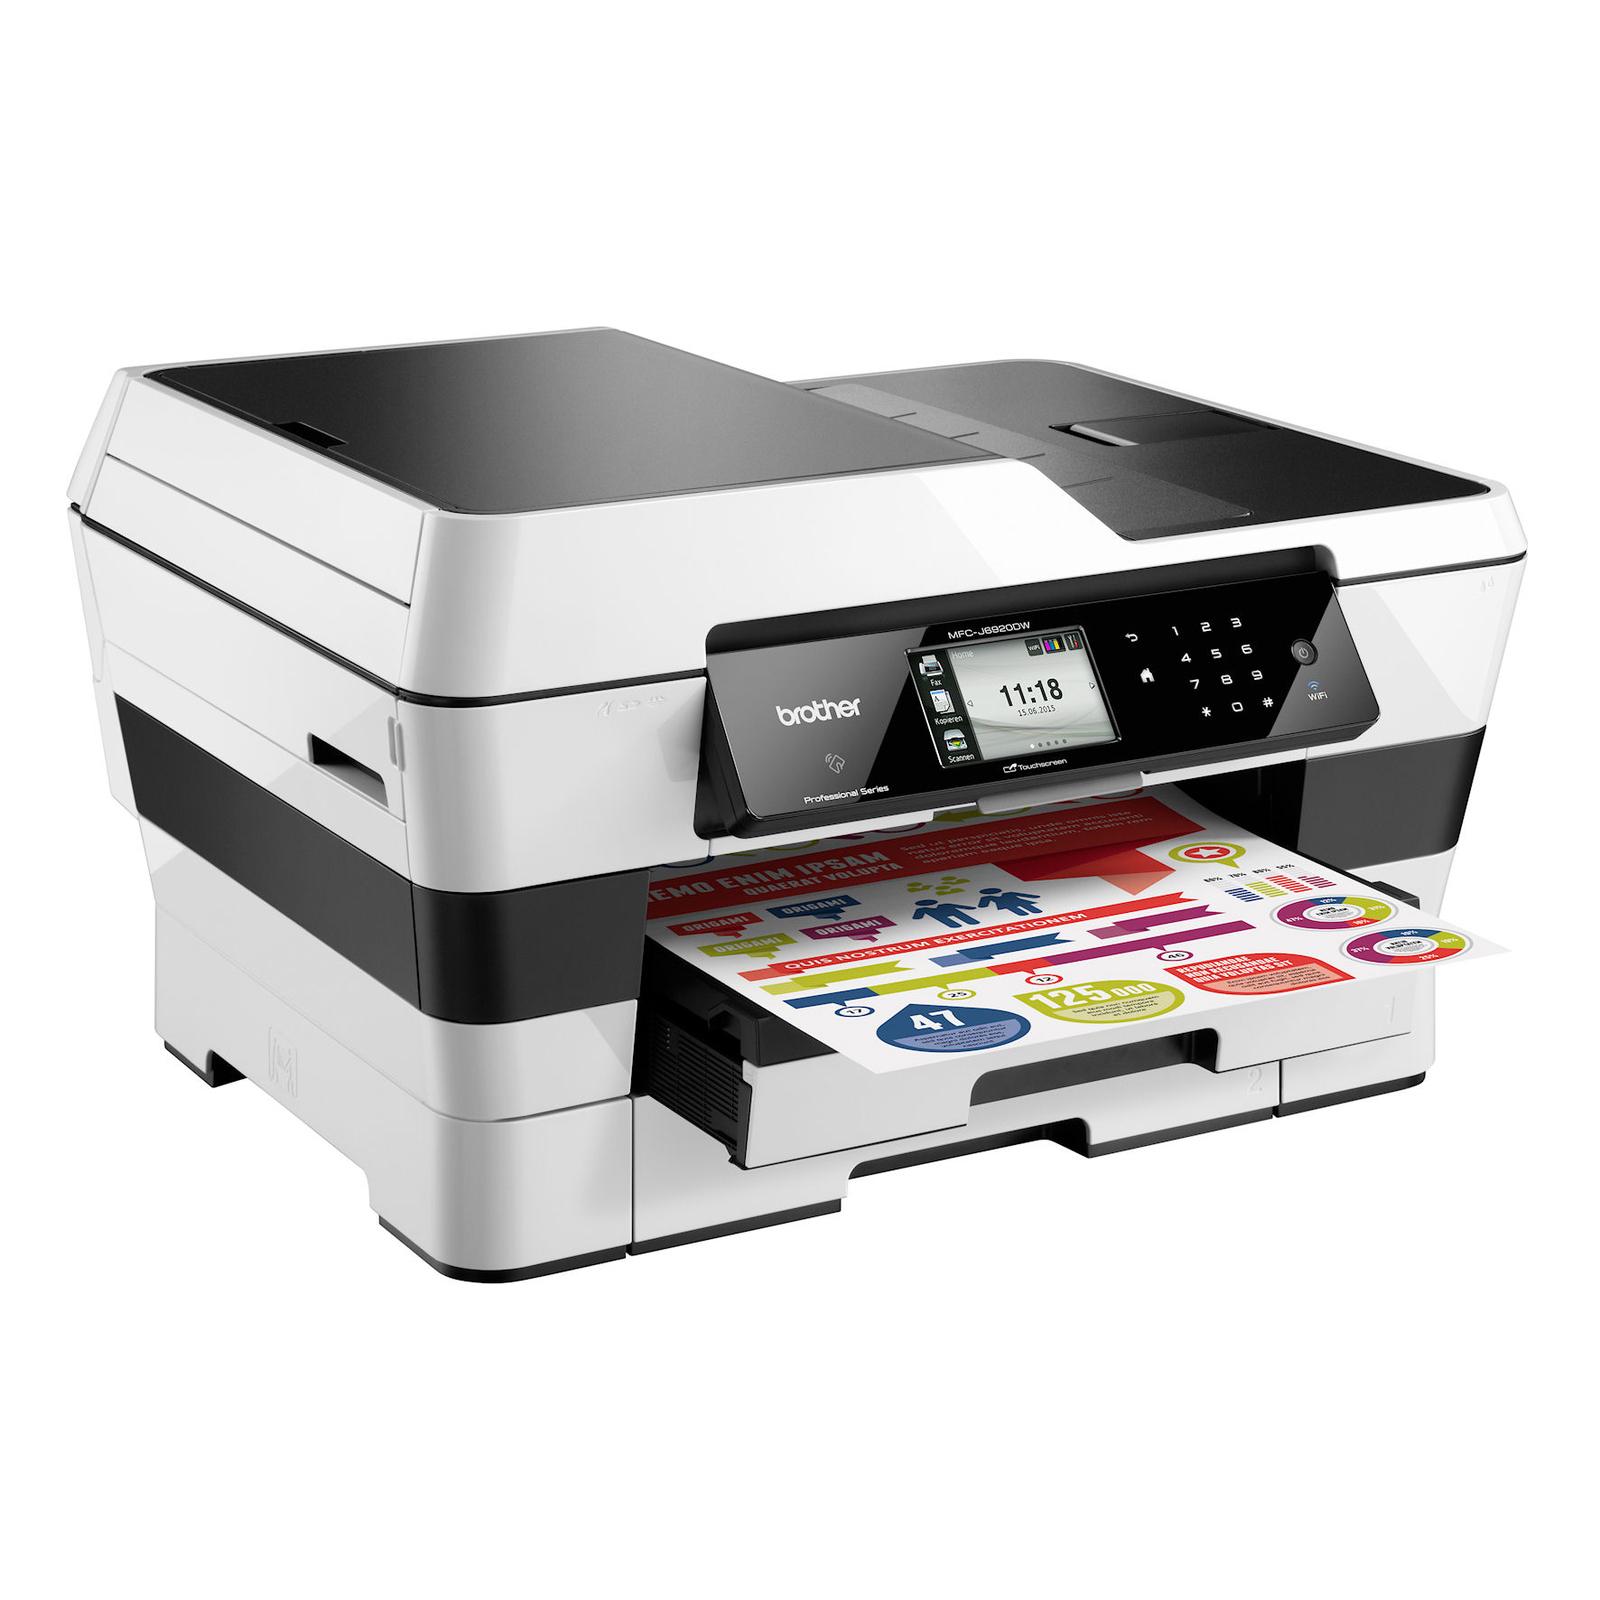 Brother MFCJ6920DW, Multifunctional inkjet  A3 (print/copy/scan/fax), viteza printare:22/20 ppm (mono/color, ISO), max 35/27 ppm (FastMode), rezolutie: 6000x1200 dpi, 256MB, borderless printing, media 64-220g/m2 (64-105g/m2 prin duplex), tavi 250+250 coli